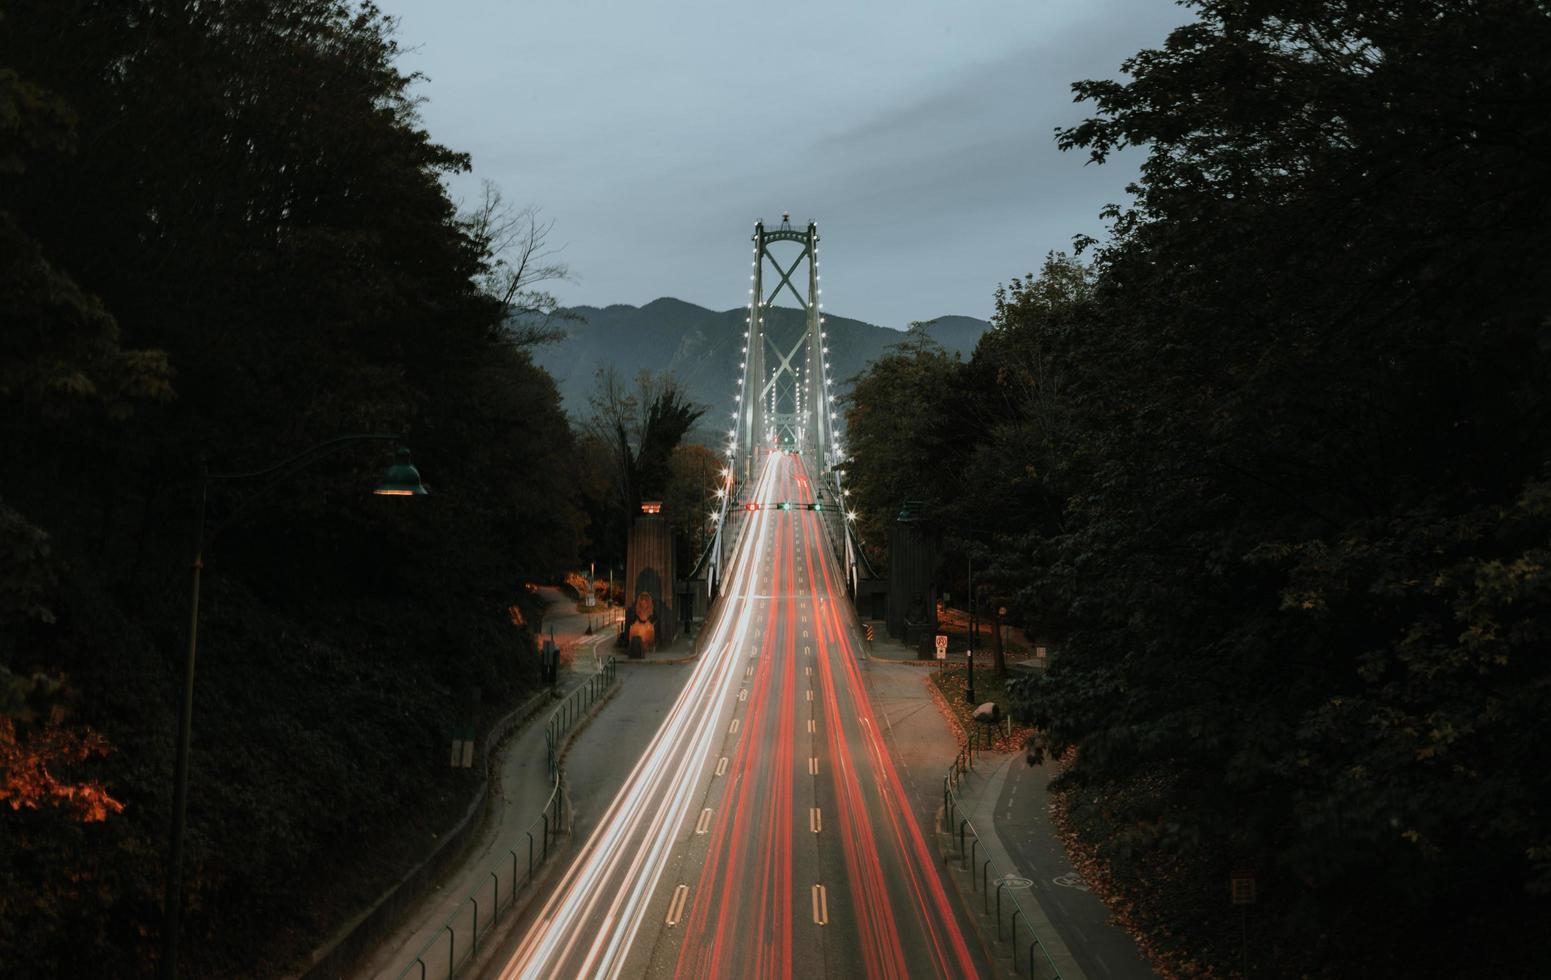 Zeitrafferfotografie der schwarzen und grauen Straße foto